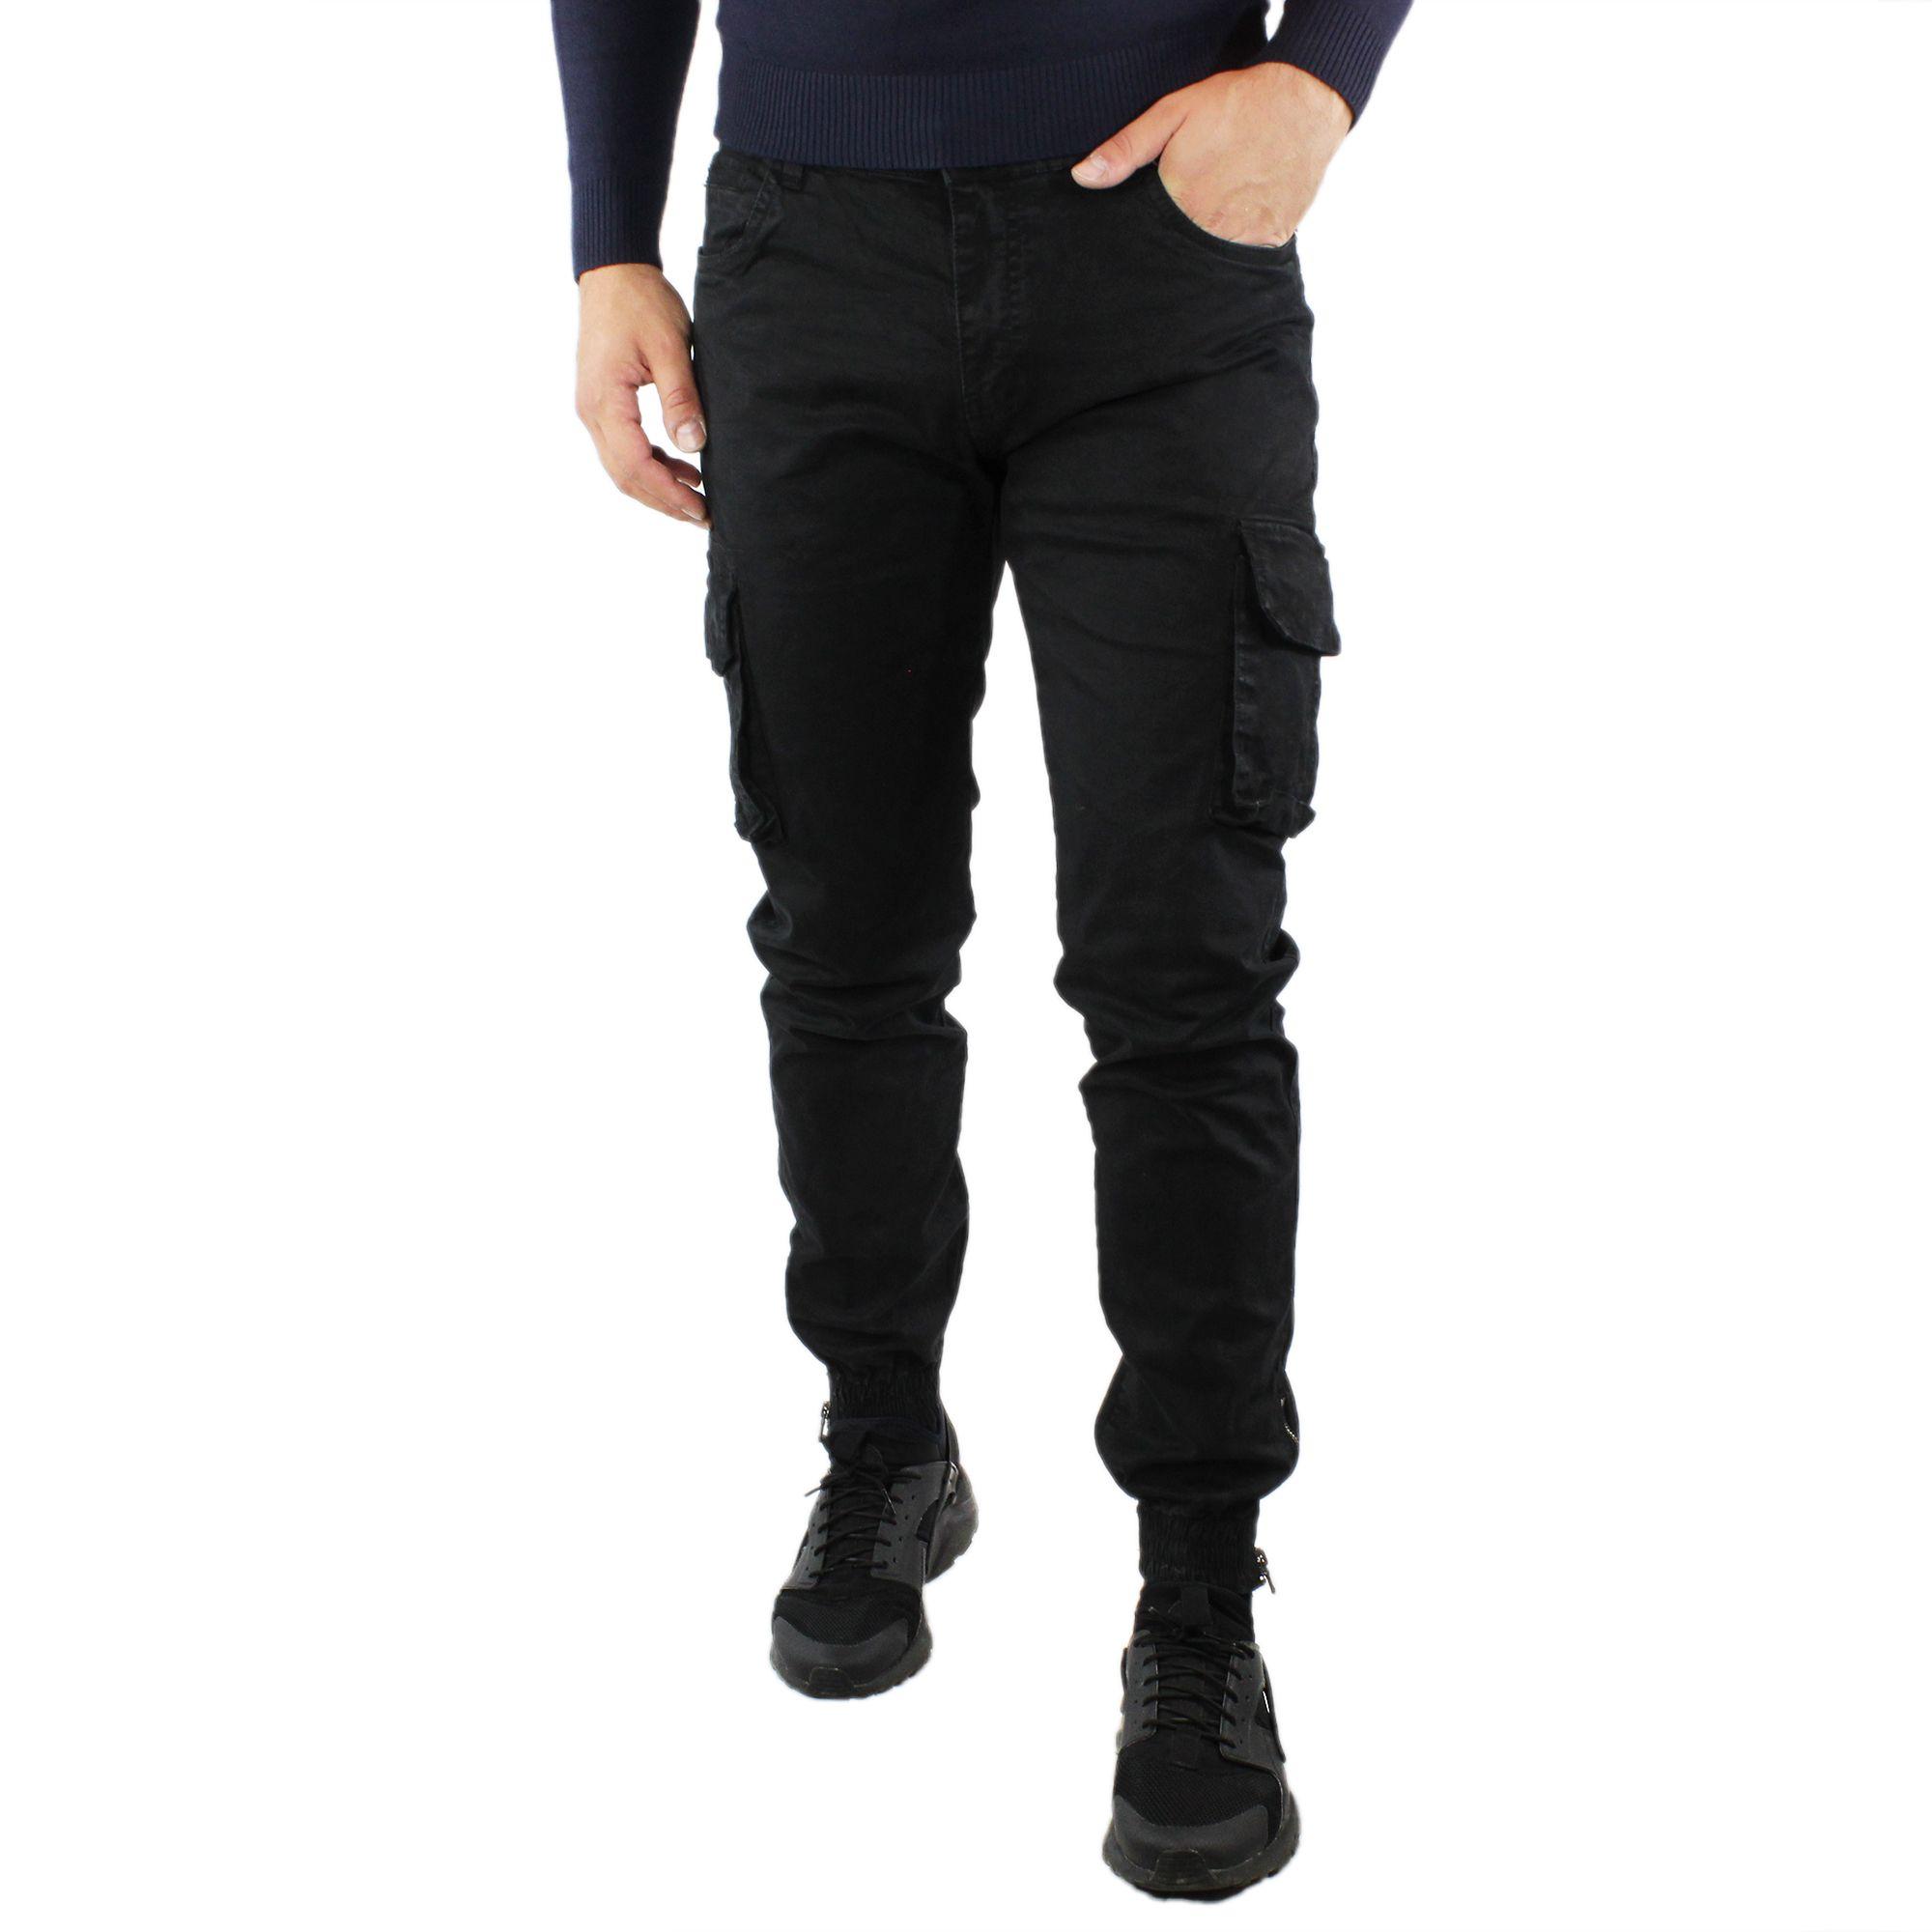 Pantaloni-Cargo-Uomo-Invernale-Tasche-Laterali-Cotone-Slim-Fit-Tasconi-Casual miniatura 15